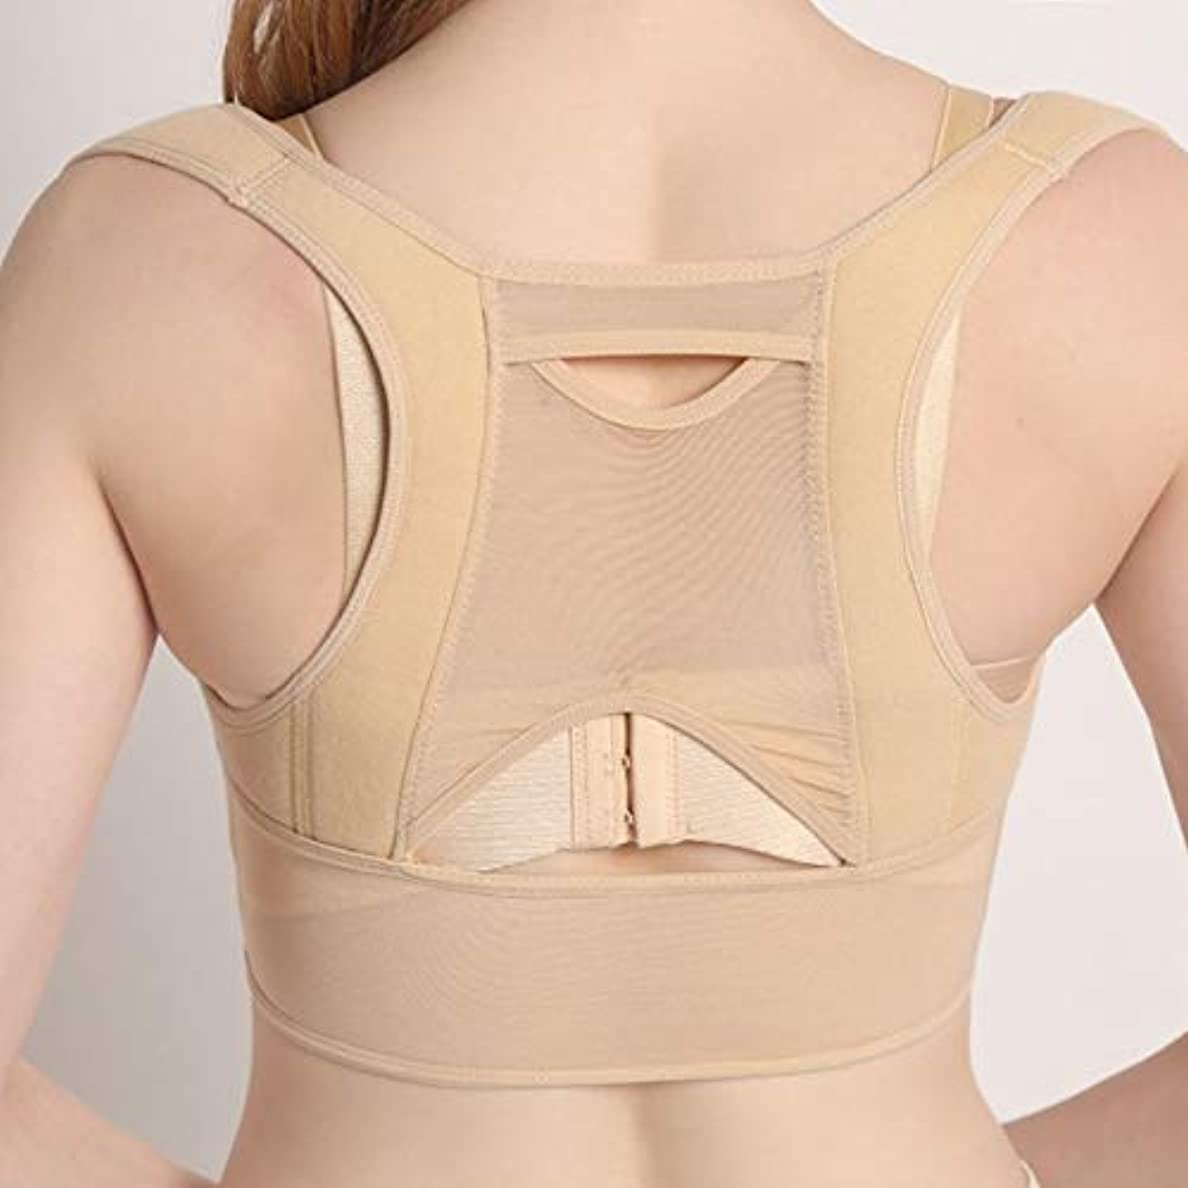 超音速かもめ建設通気性のある女性の背中の姿勢矯正コルセット整形外科の肩の背骨の背骨の姿勢矯正腰椎サポート